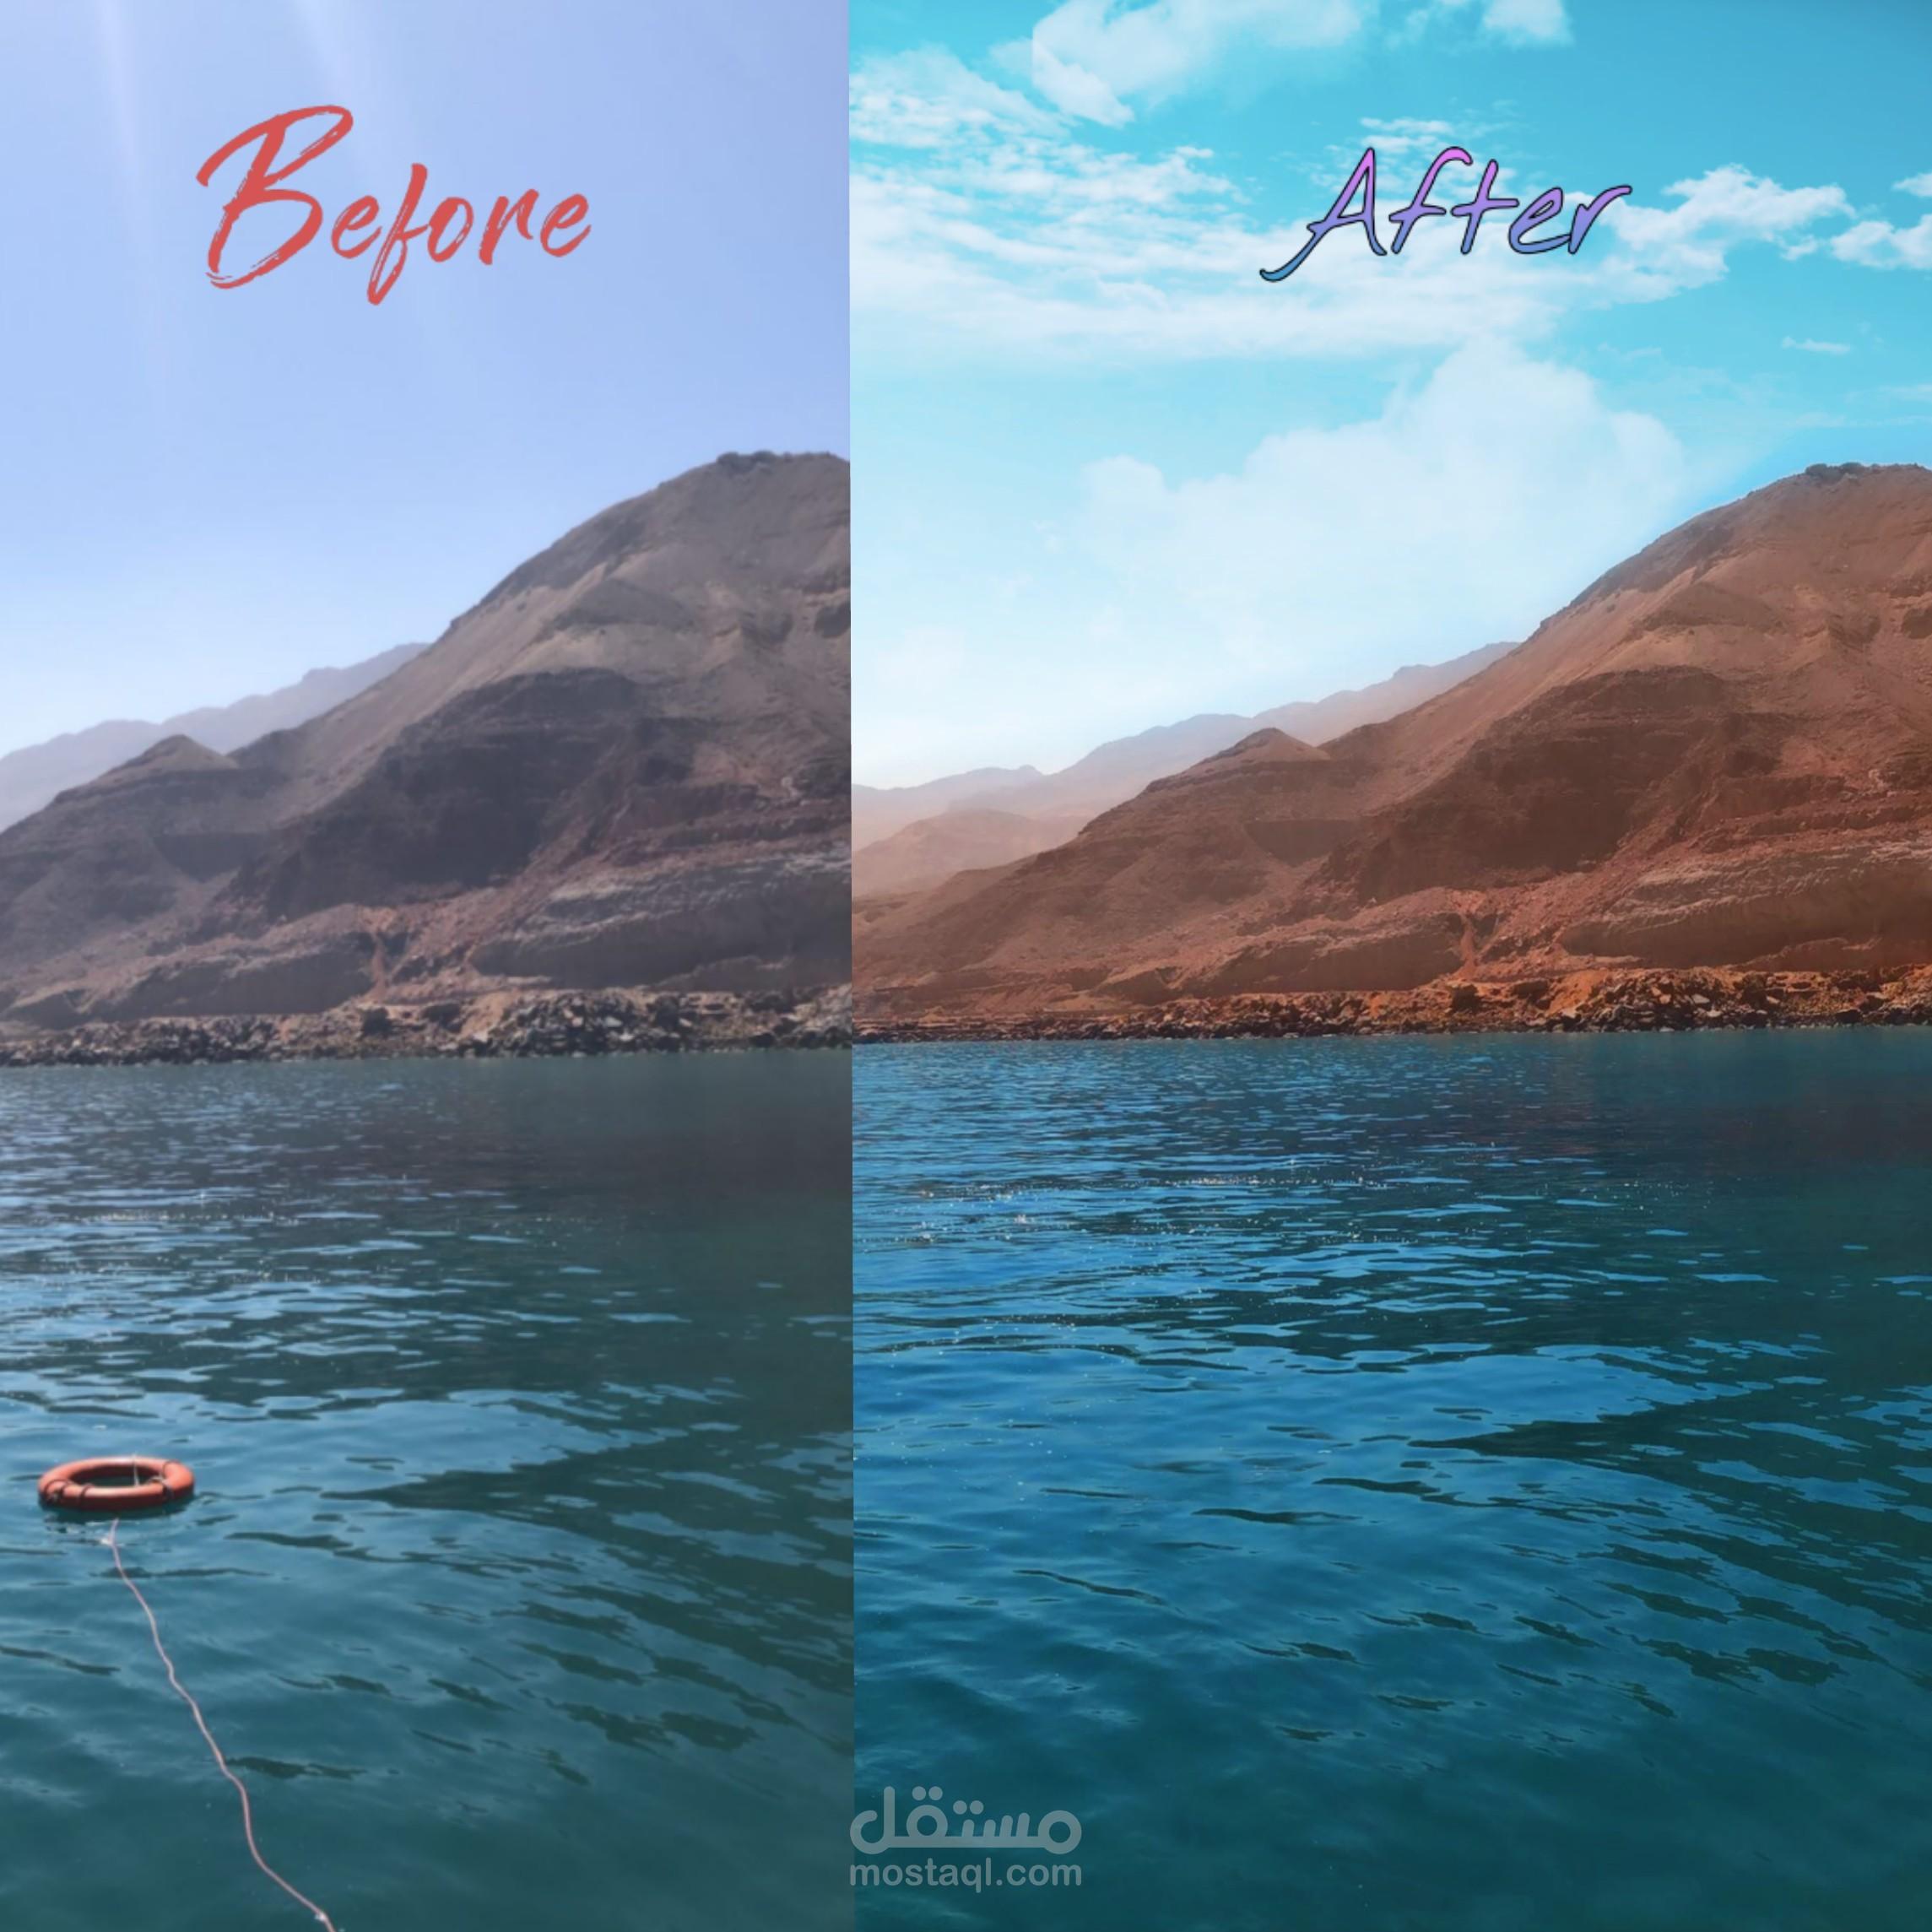 تعديل الصور بشكل احترافي و جودة عالية